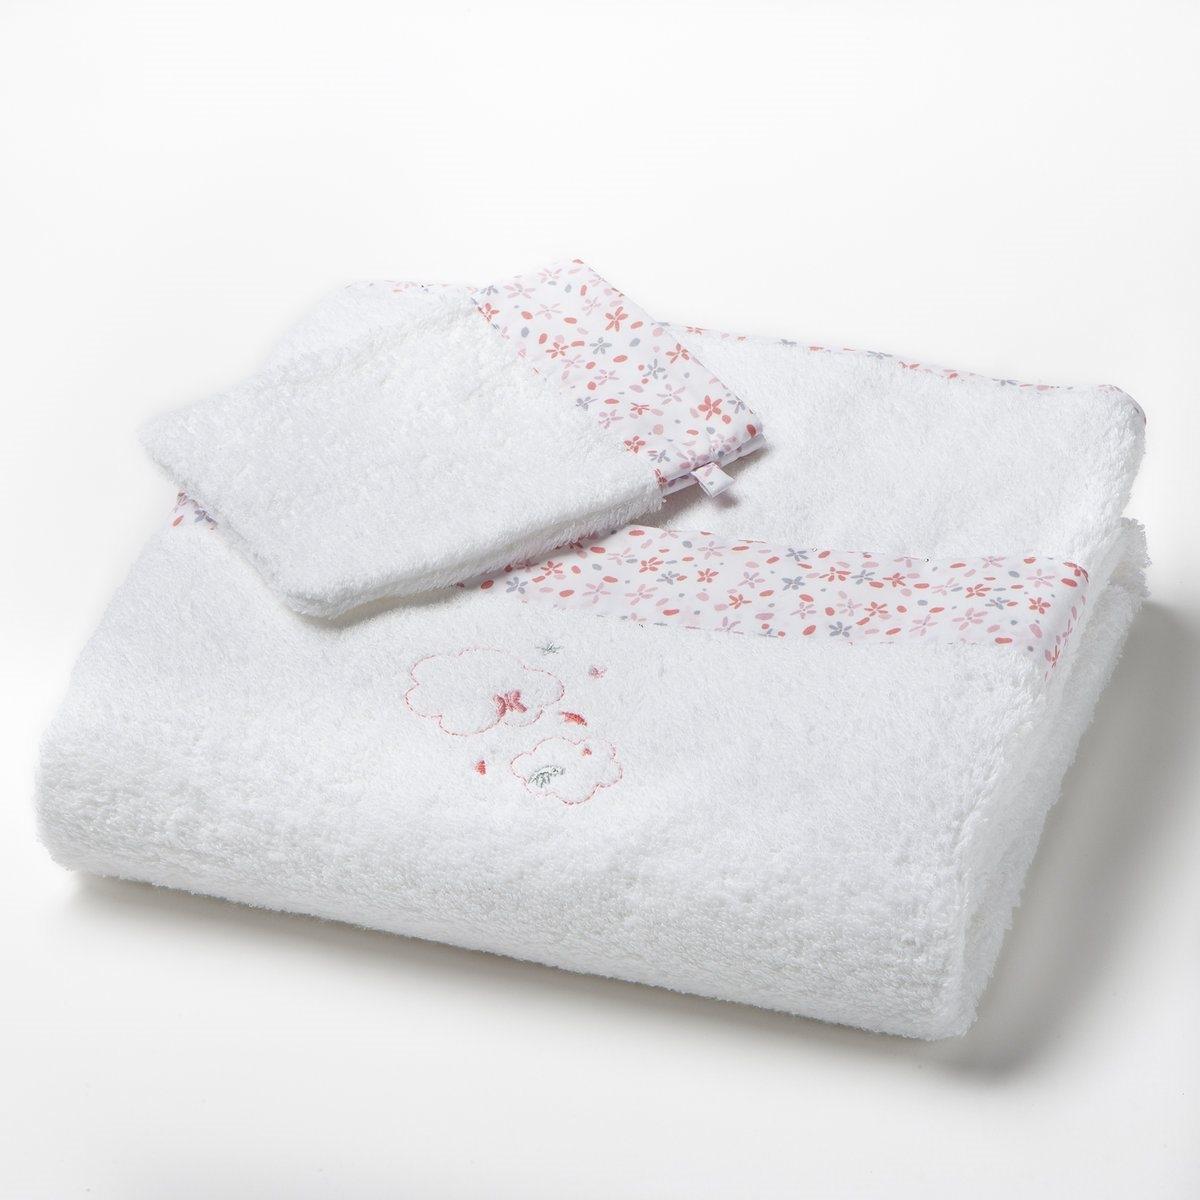 Комплект 1 полотенце махровое + 1 перчатка 400г/м2